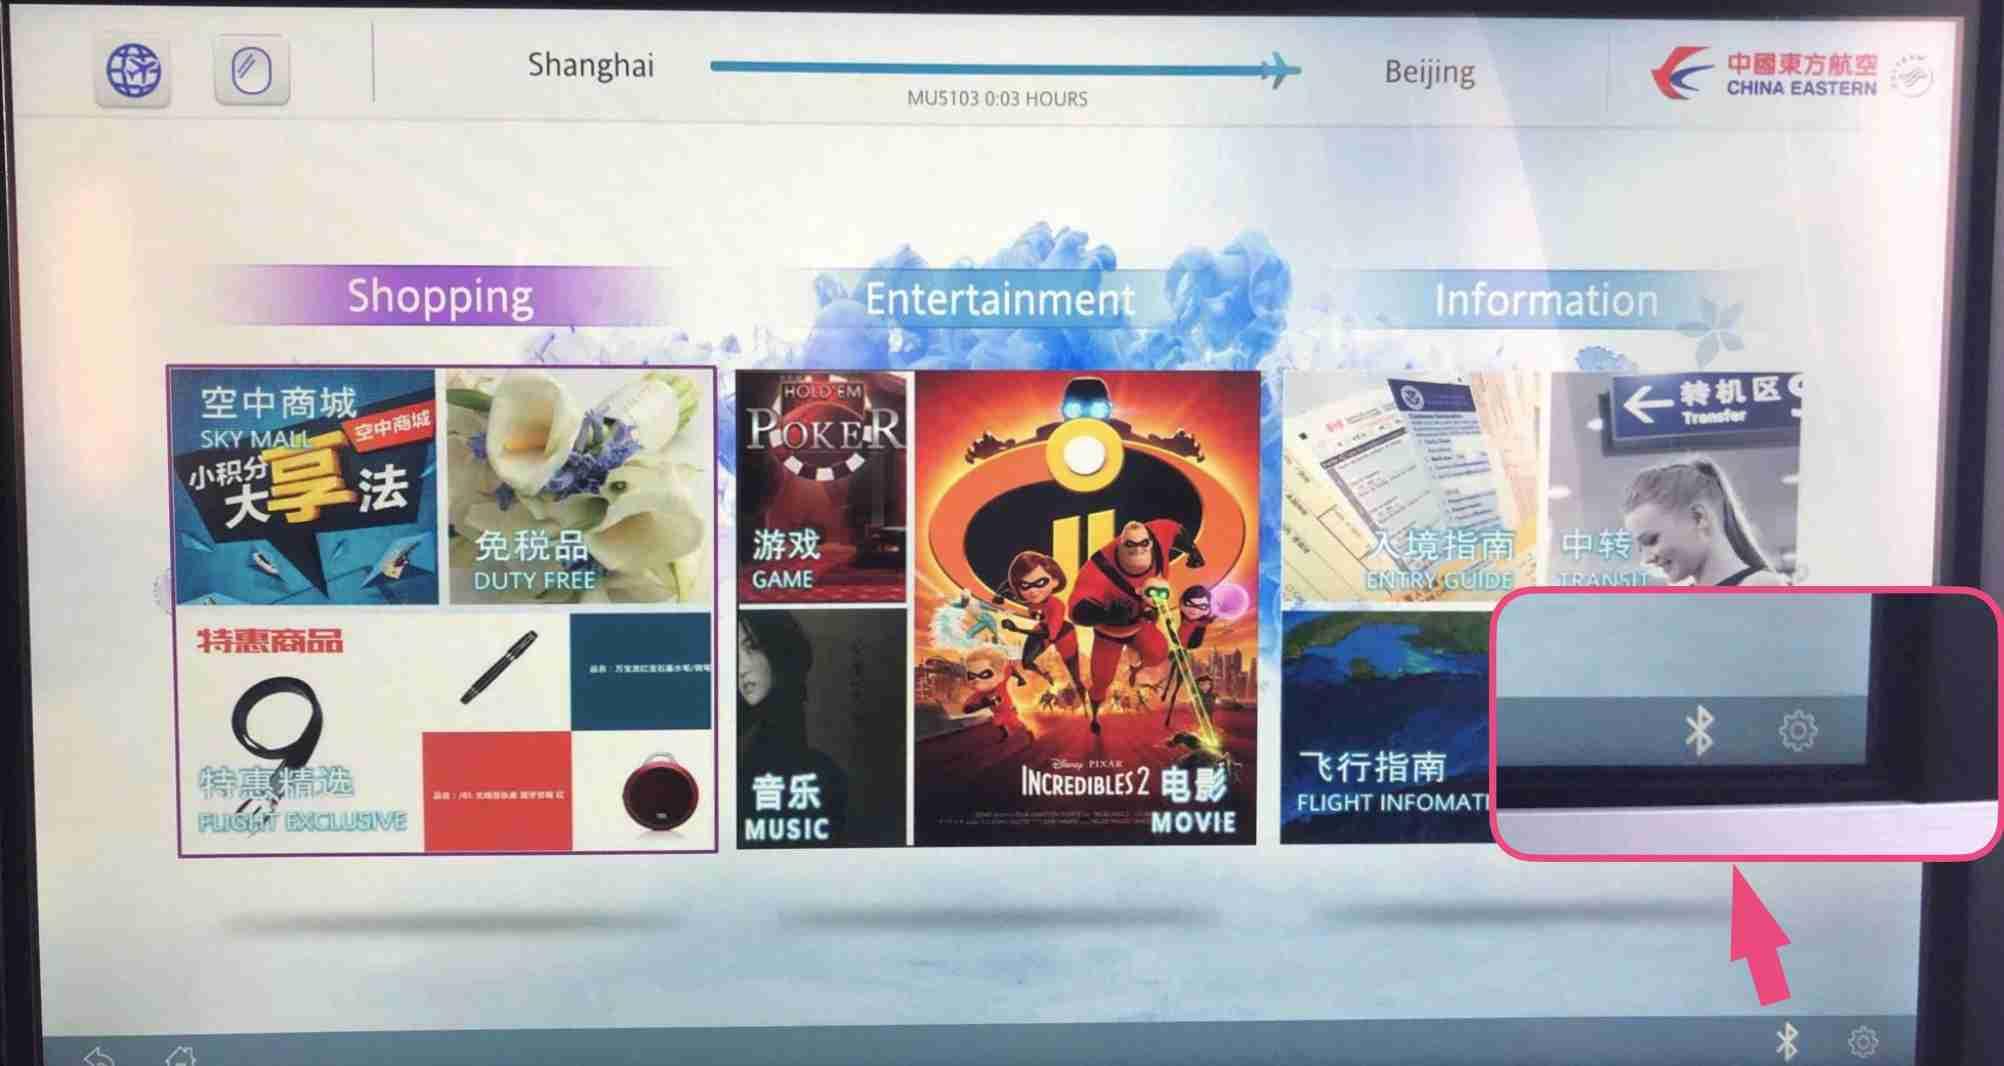 娱乐系统主页右下角的蓝牙标志